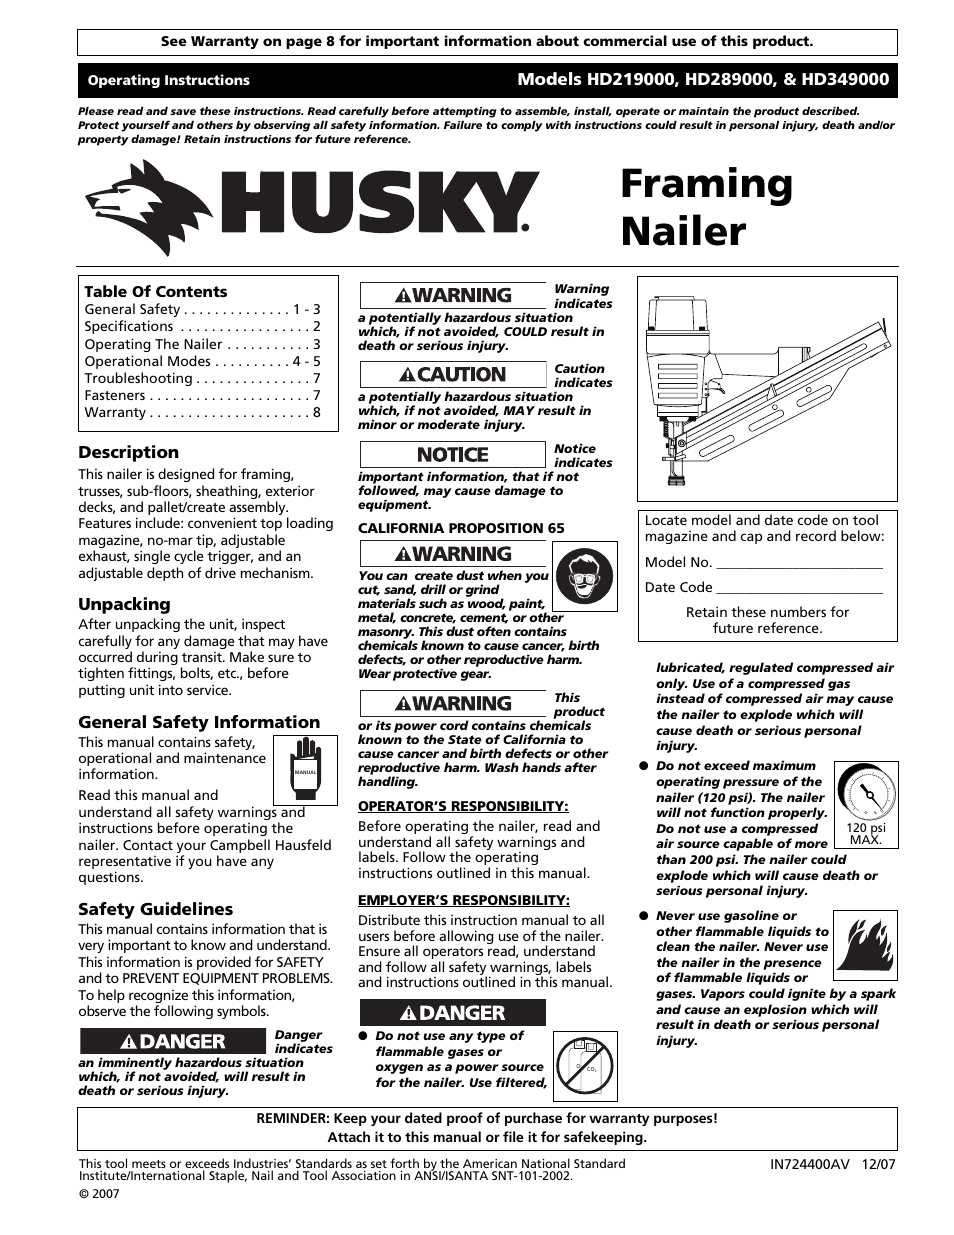 husky hd289000 user manual 24 pages original mode also for rh manualsdir com husky tools user manuals husky storm user manual